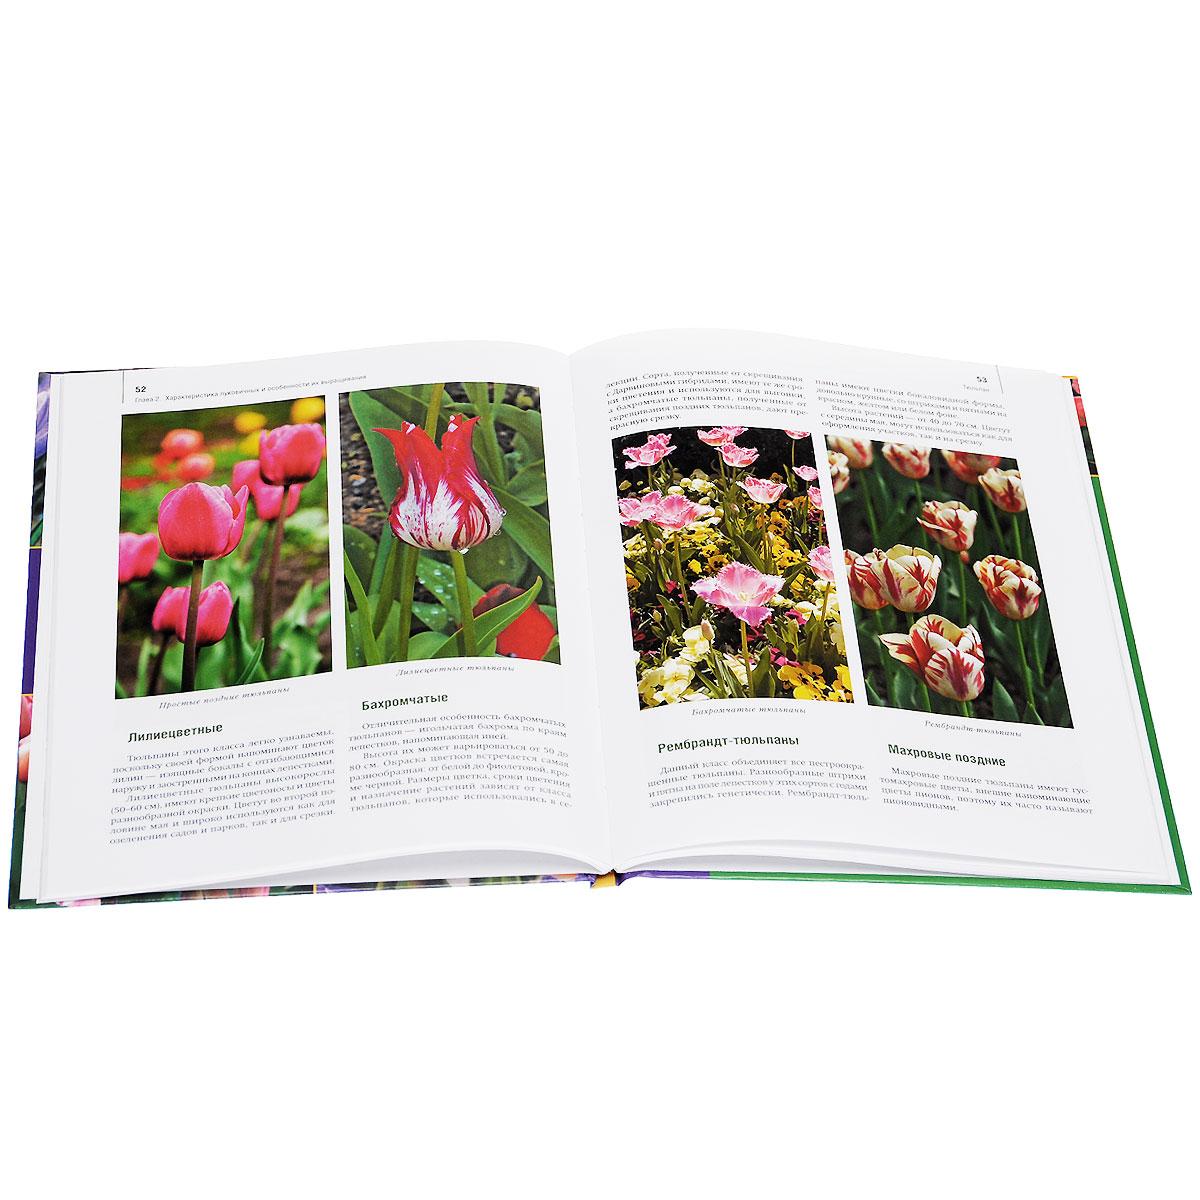 Луковичные цветы. Выбираем, выращиваем, наслаждаемся. Узамбарские фиалки. Выбираем, ухаживаем, наслаждаемся (комплект из 2 книг)